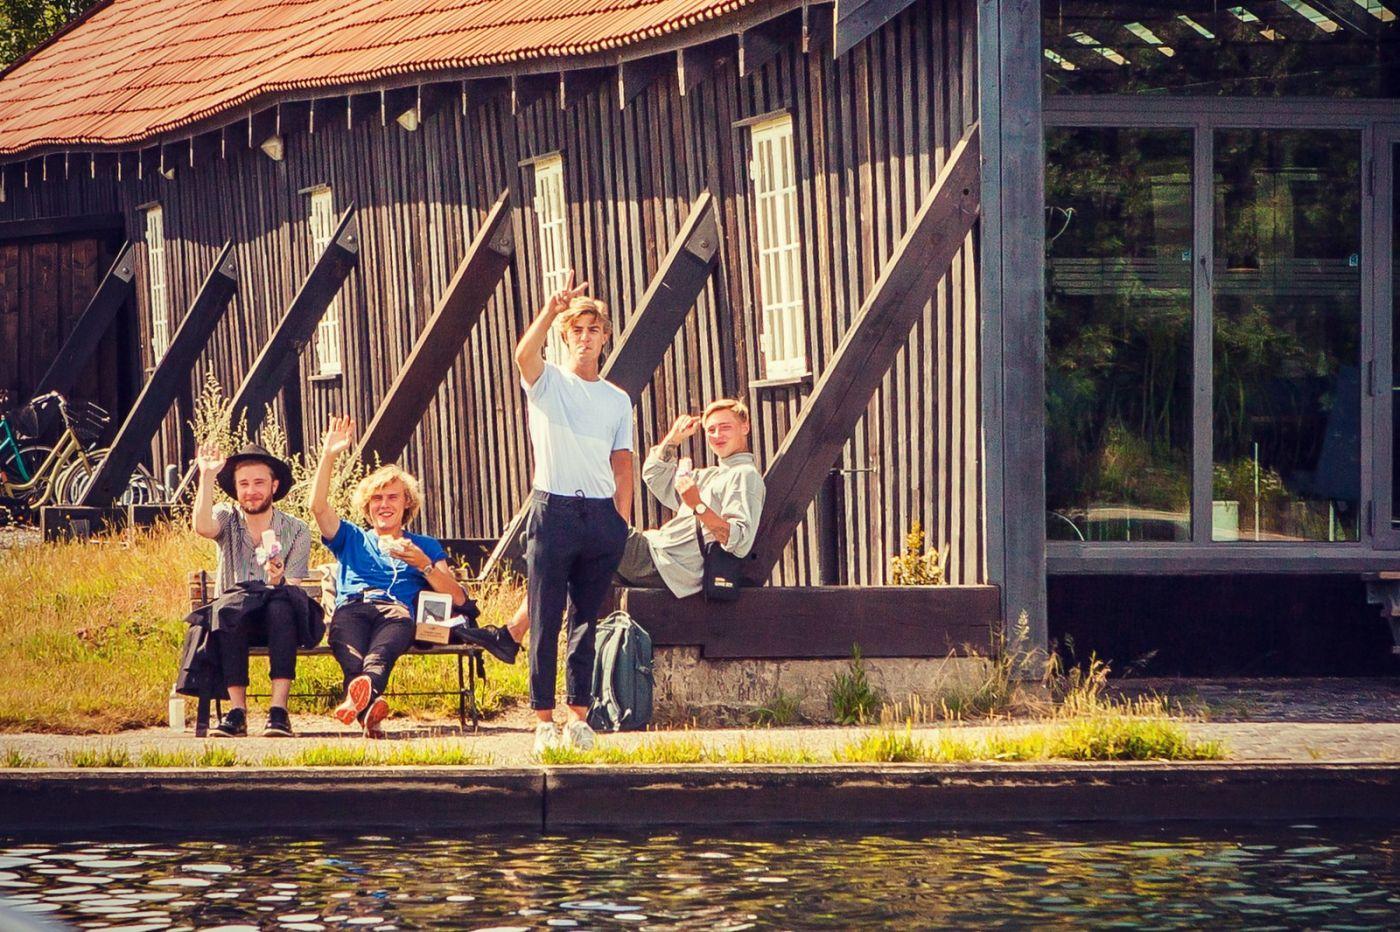 丹麥哥本哈根,生活可以是這樣的_圖1-2